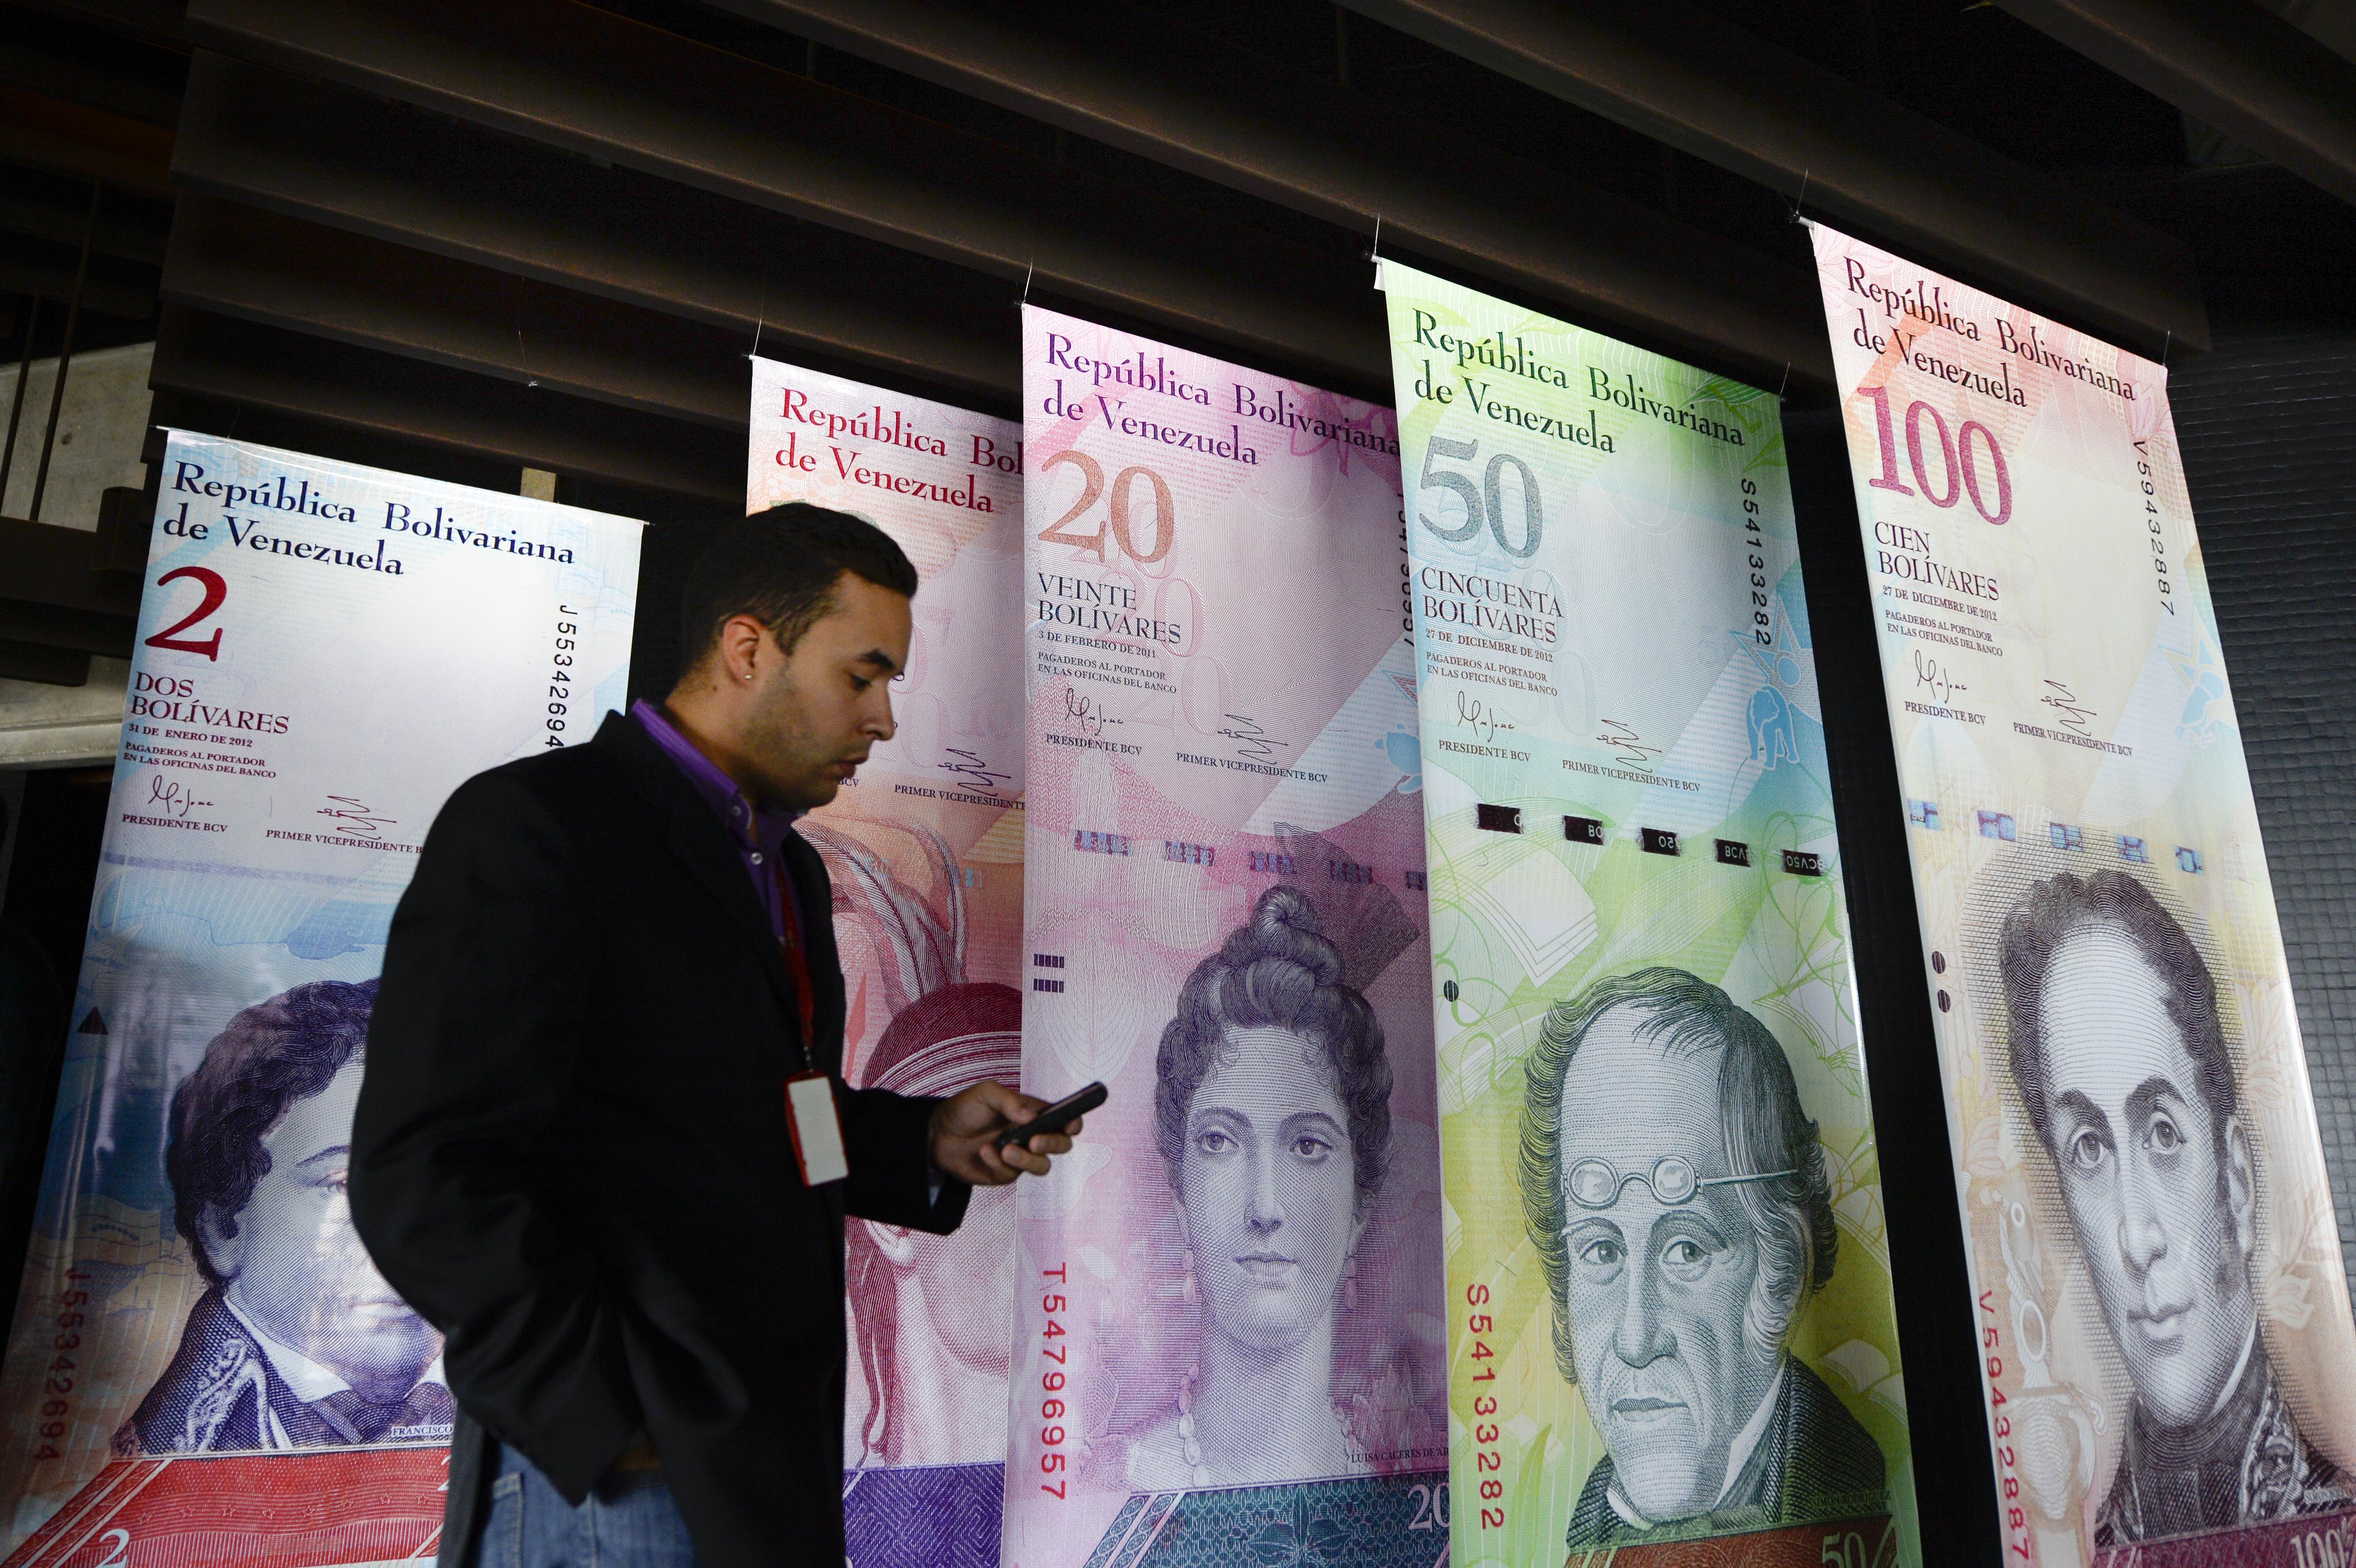 December hetedikén az elnök bevonatta a 3000 forintot érő 100 boliváros bankjegyet, hogy a készpénzt halmozók dolgát megnehezítse. Az ország közben készül a tíz- és húszezer boliváros kibocsátására, hogy beérje az inflációt